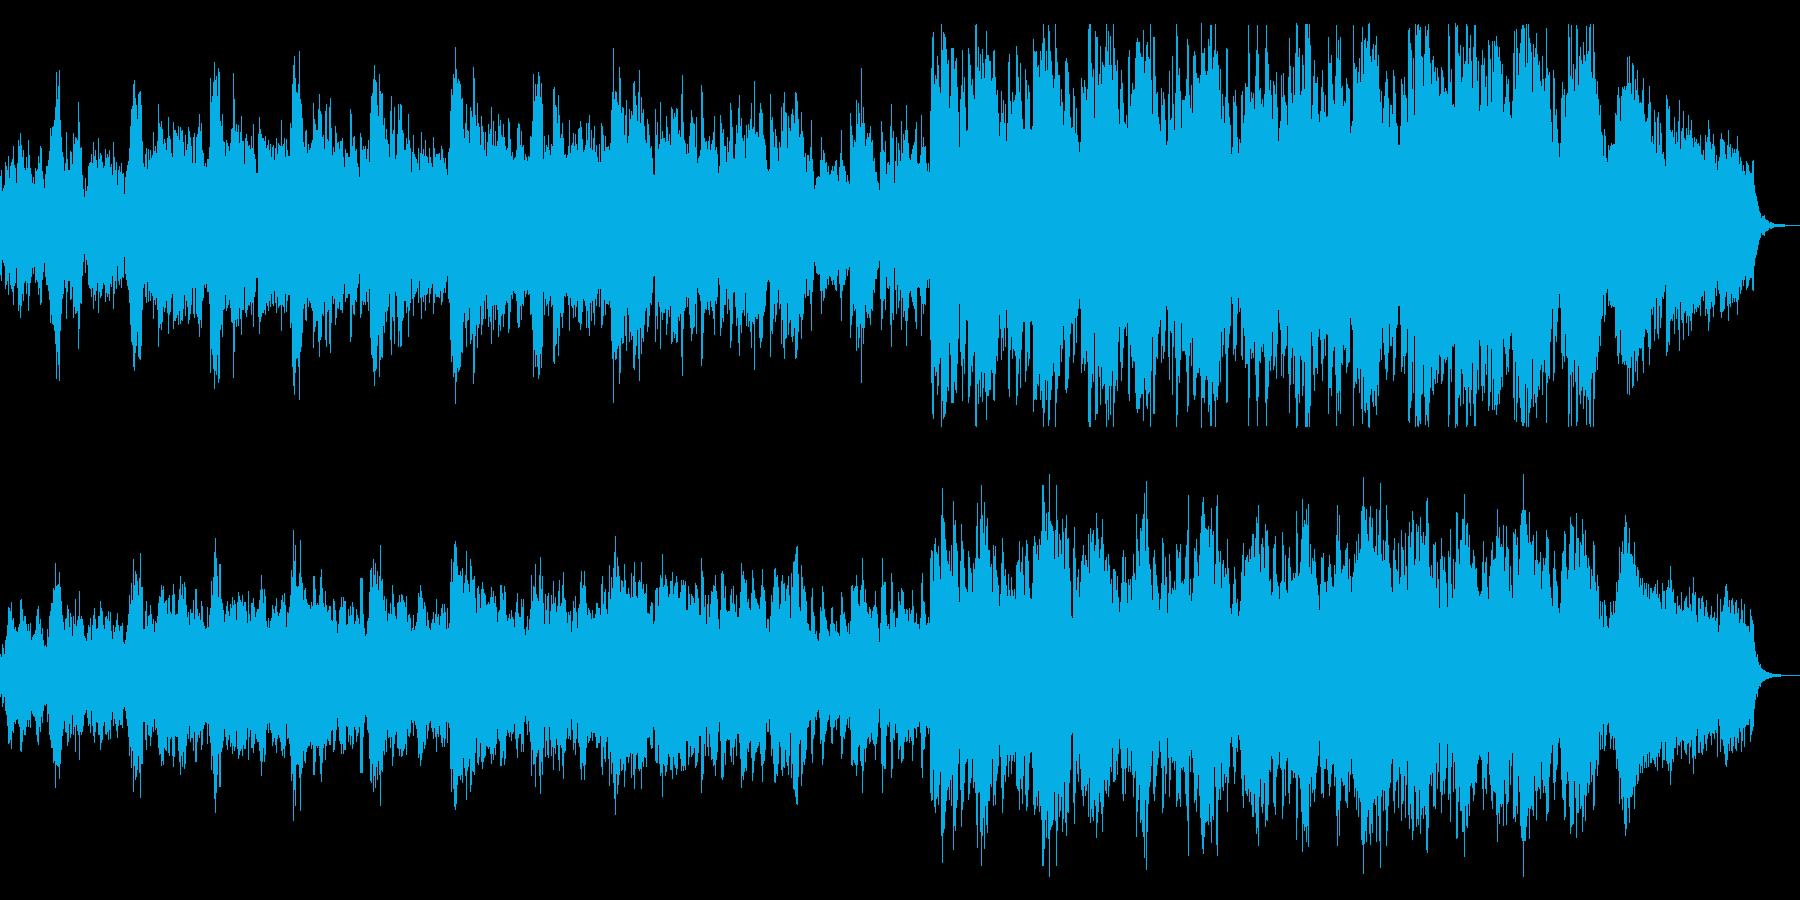 オーケストラ風味の村の楽曲の再生済みの波形